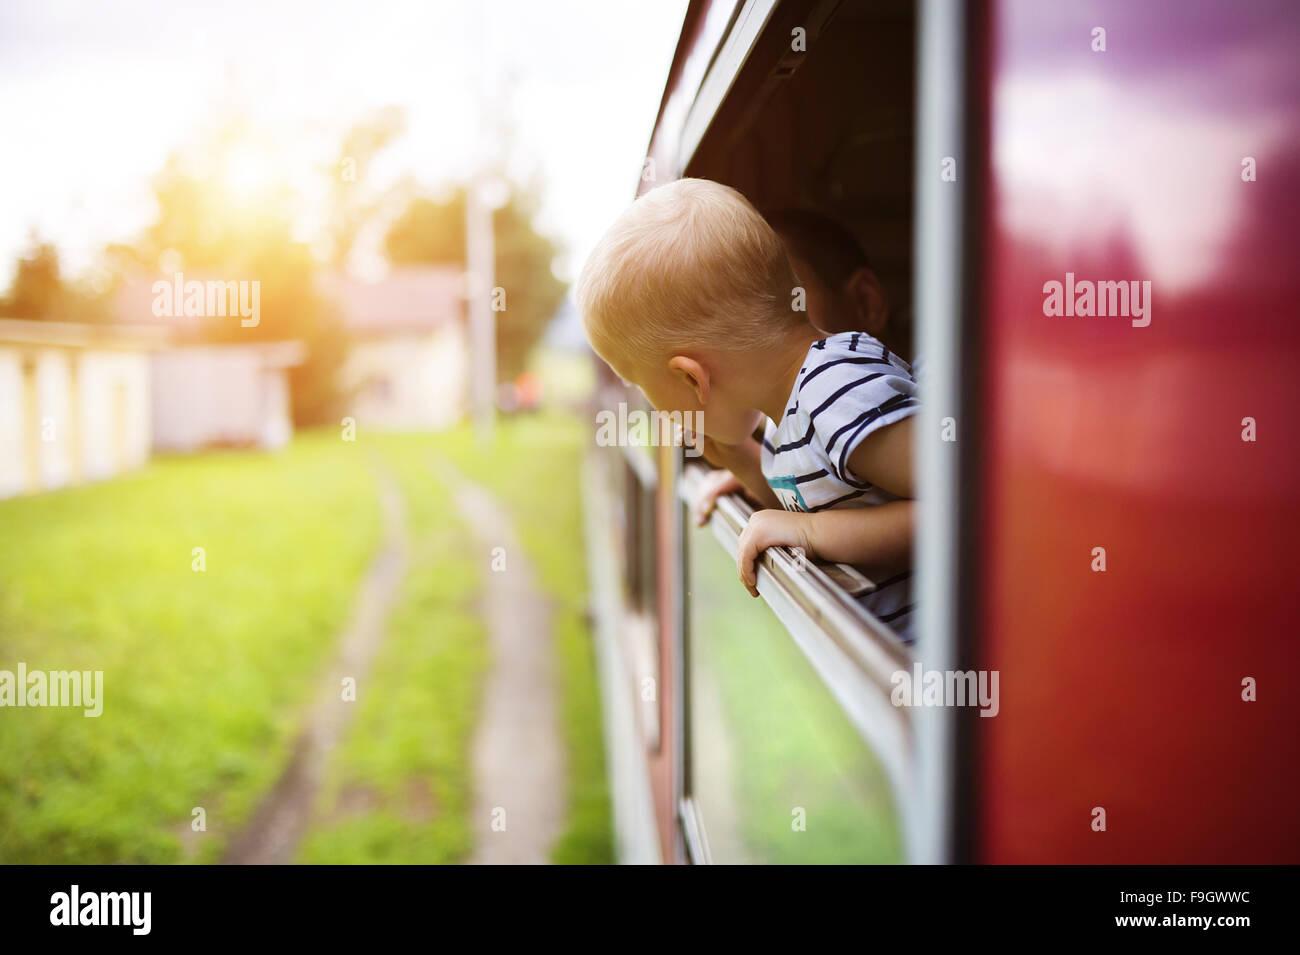 Niñito viajar en tren mirando fuera de la ventana. Imagen De Stock